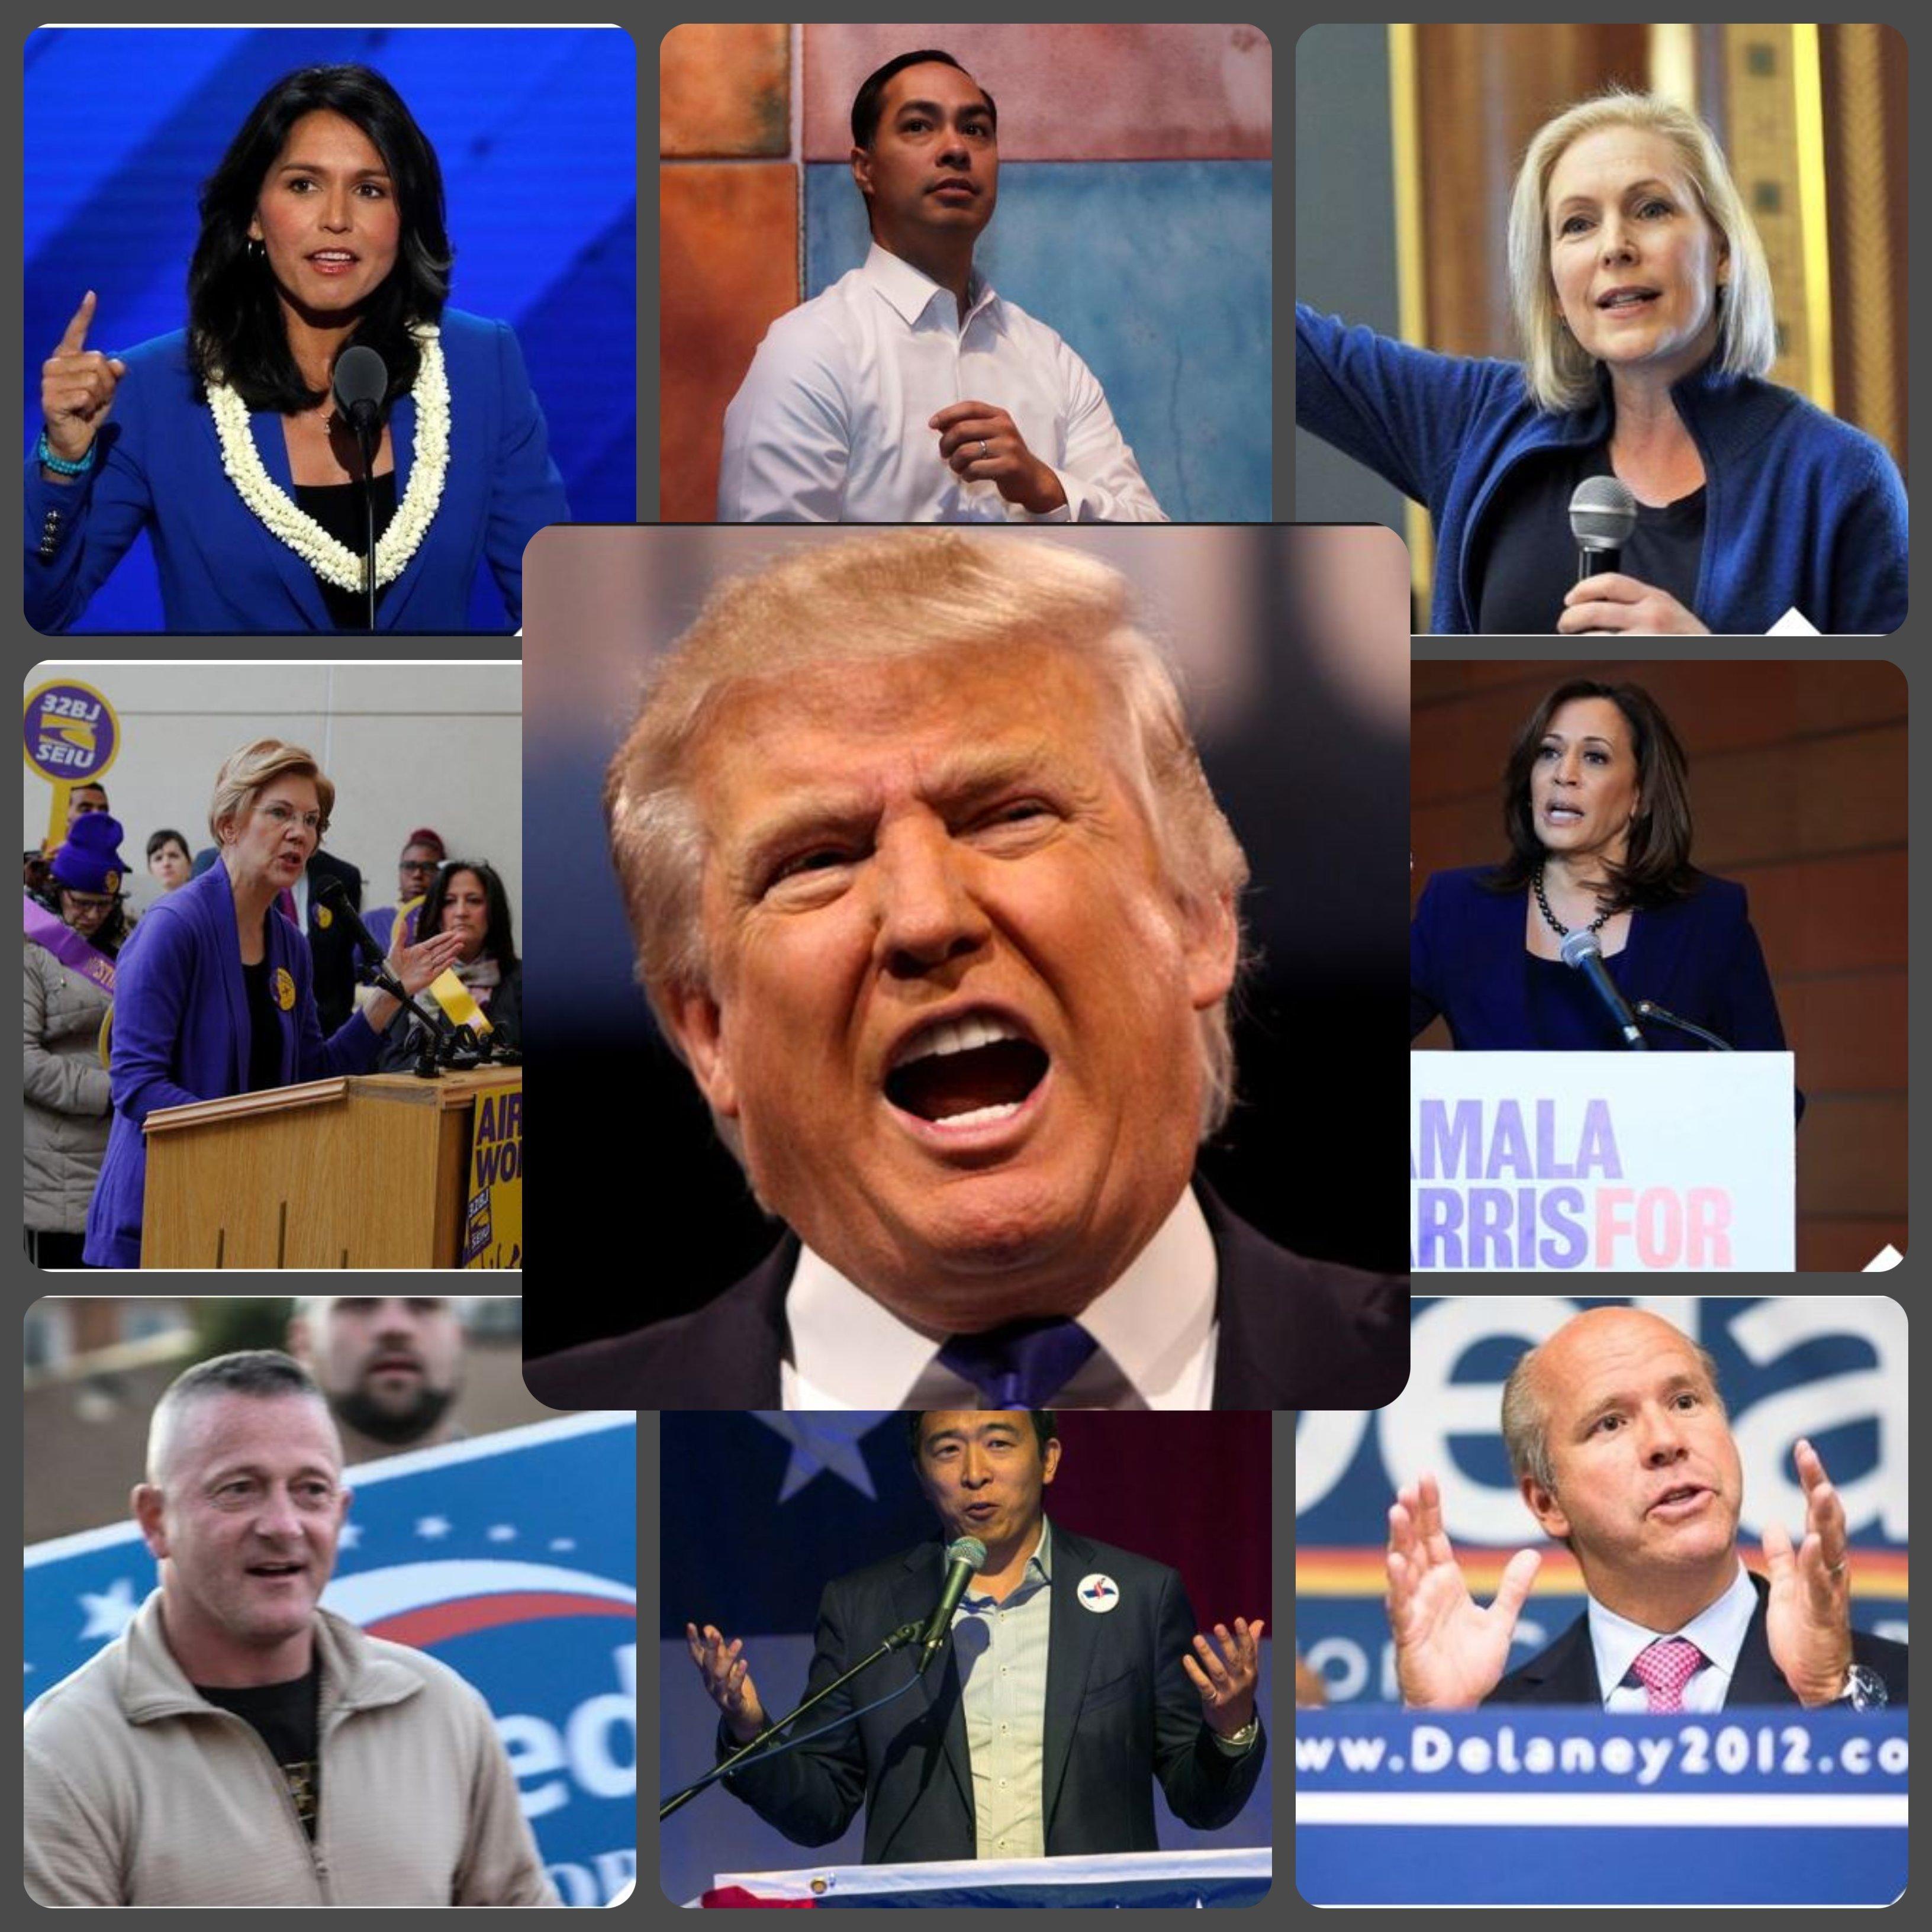 ΗΠΑ: Αυτοί είναι οι υποψήφιοι πρόεδροι των Δημοκρατικών για τις εκλογές του 2020